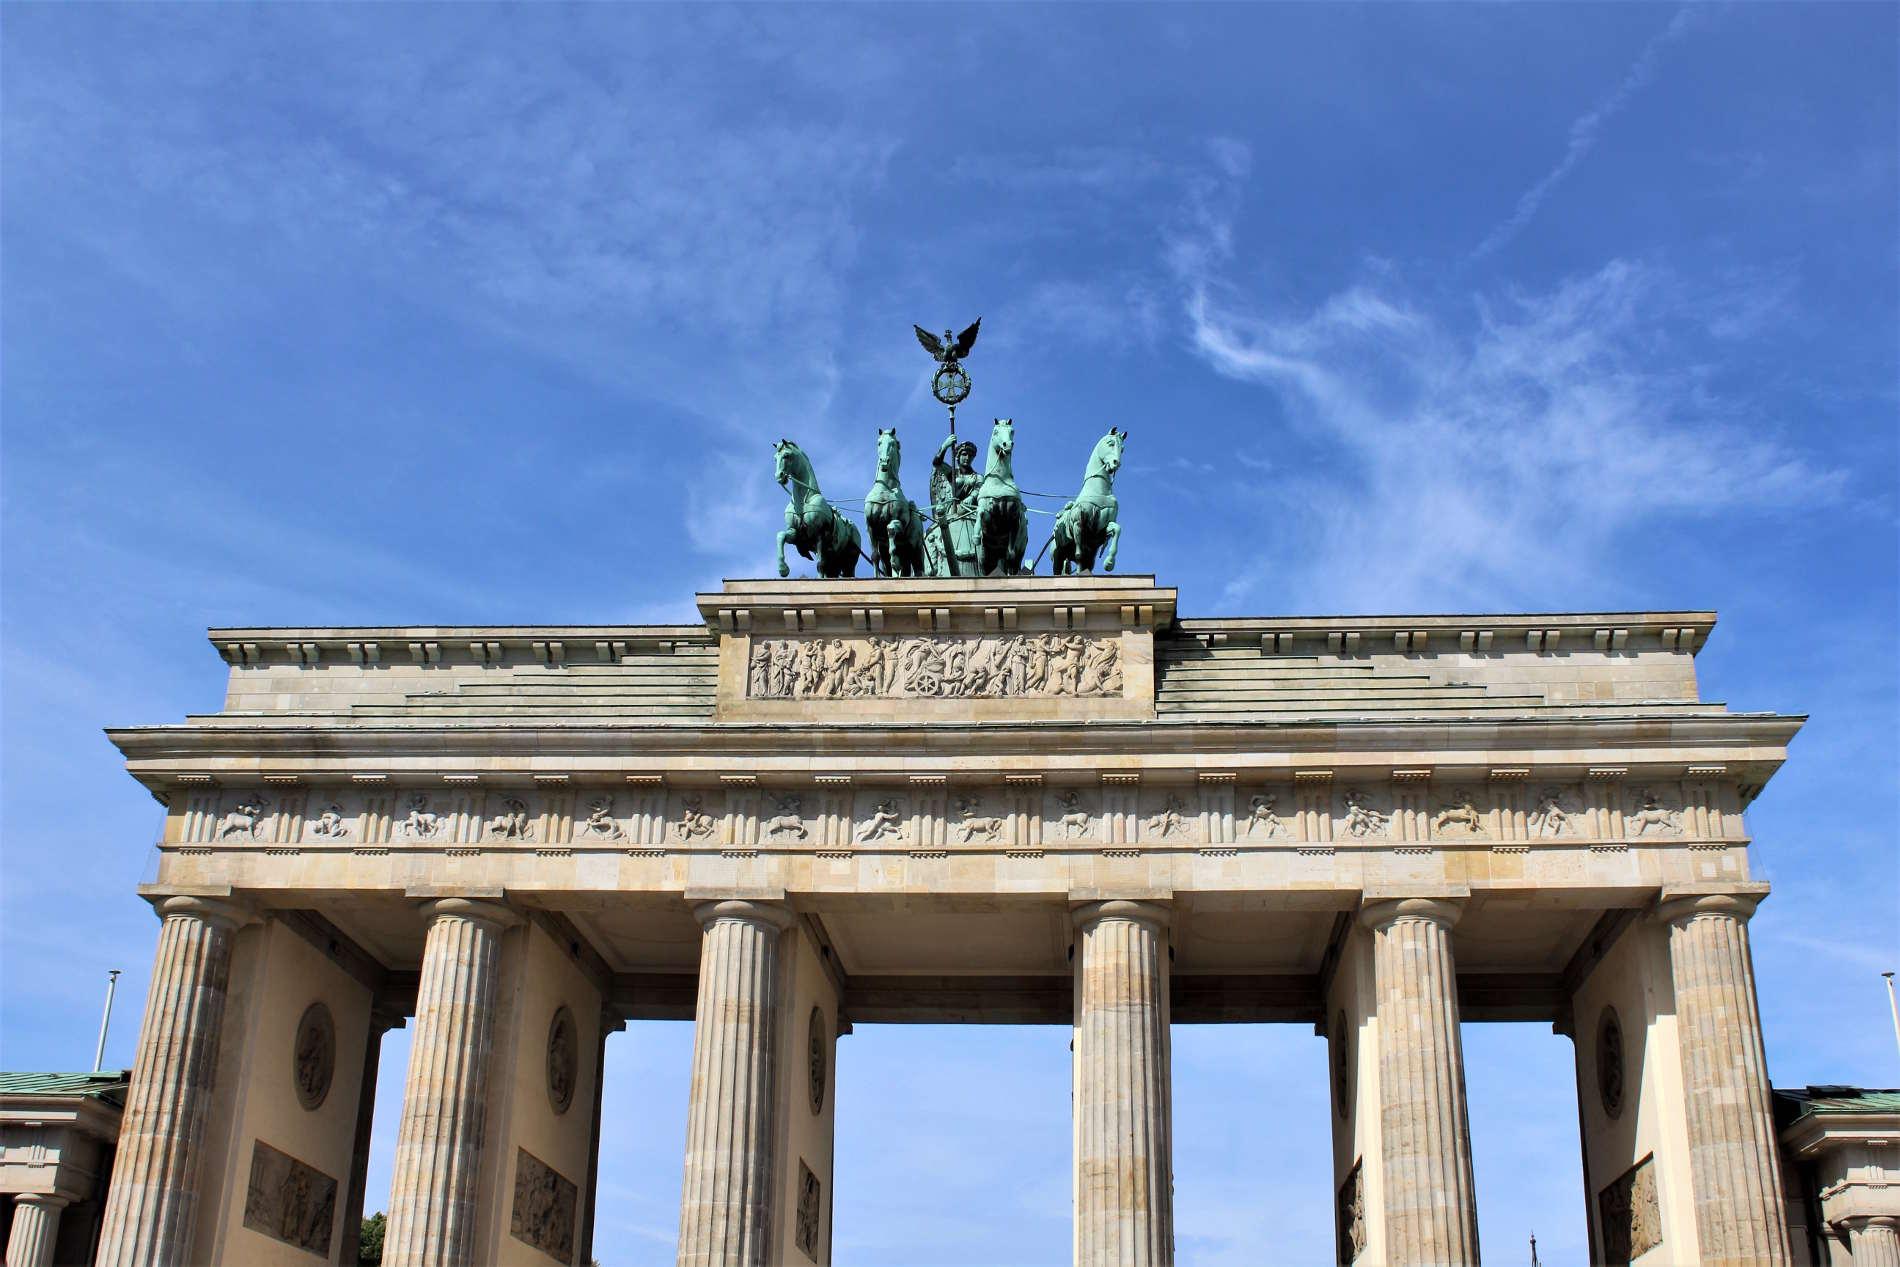 Viaggio nelle capitali europee: Berlino capitale della Germania e il suo simbolo la porta di Brandeburgo